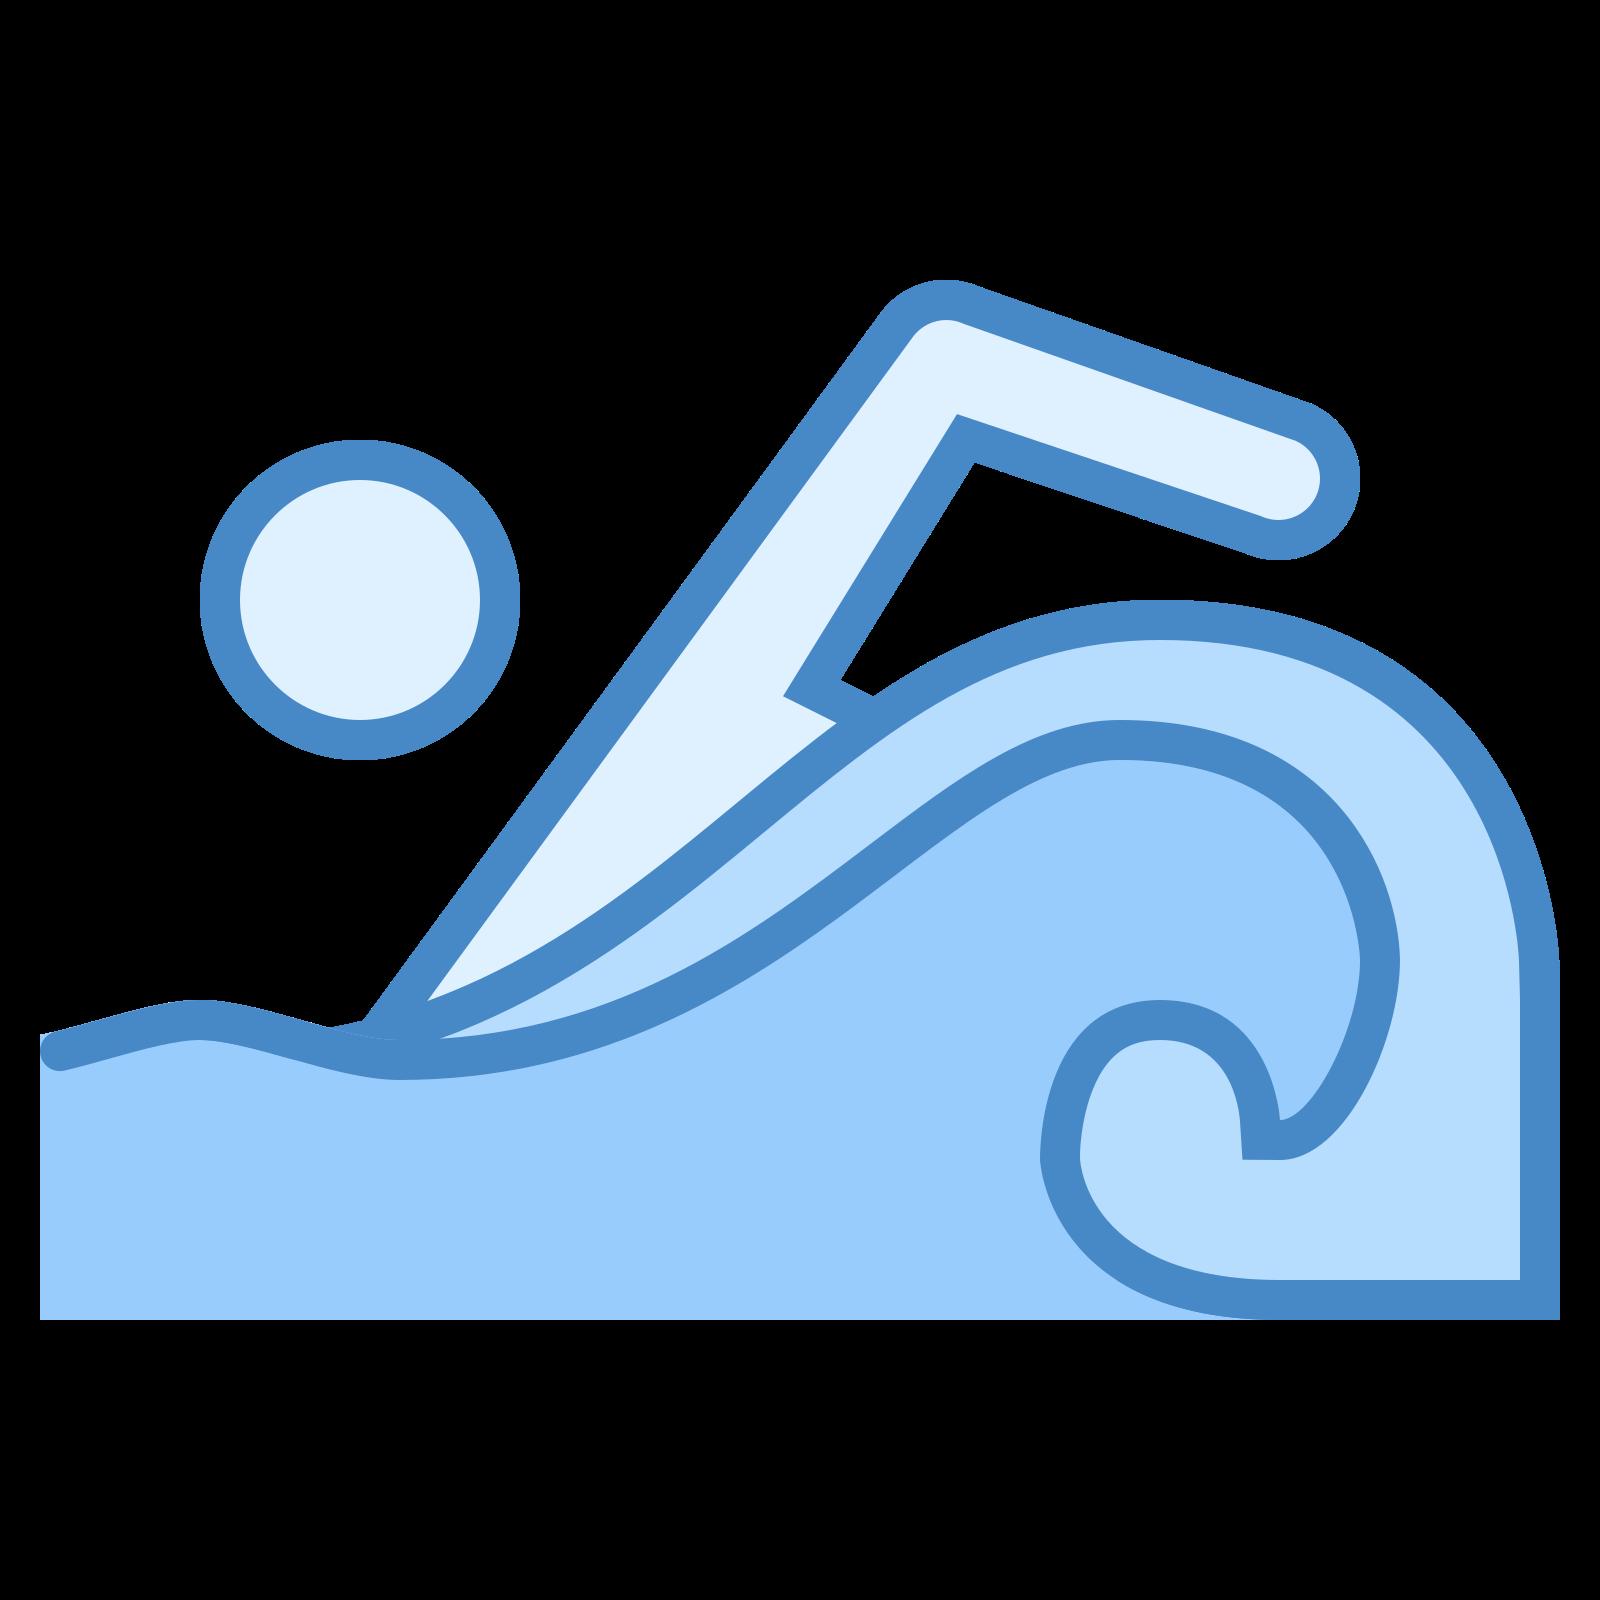 Maraton pływanie icon